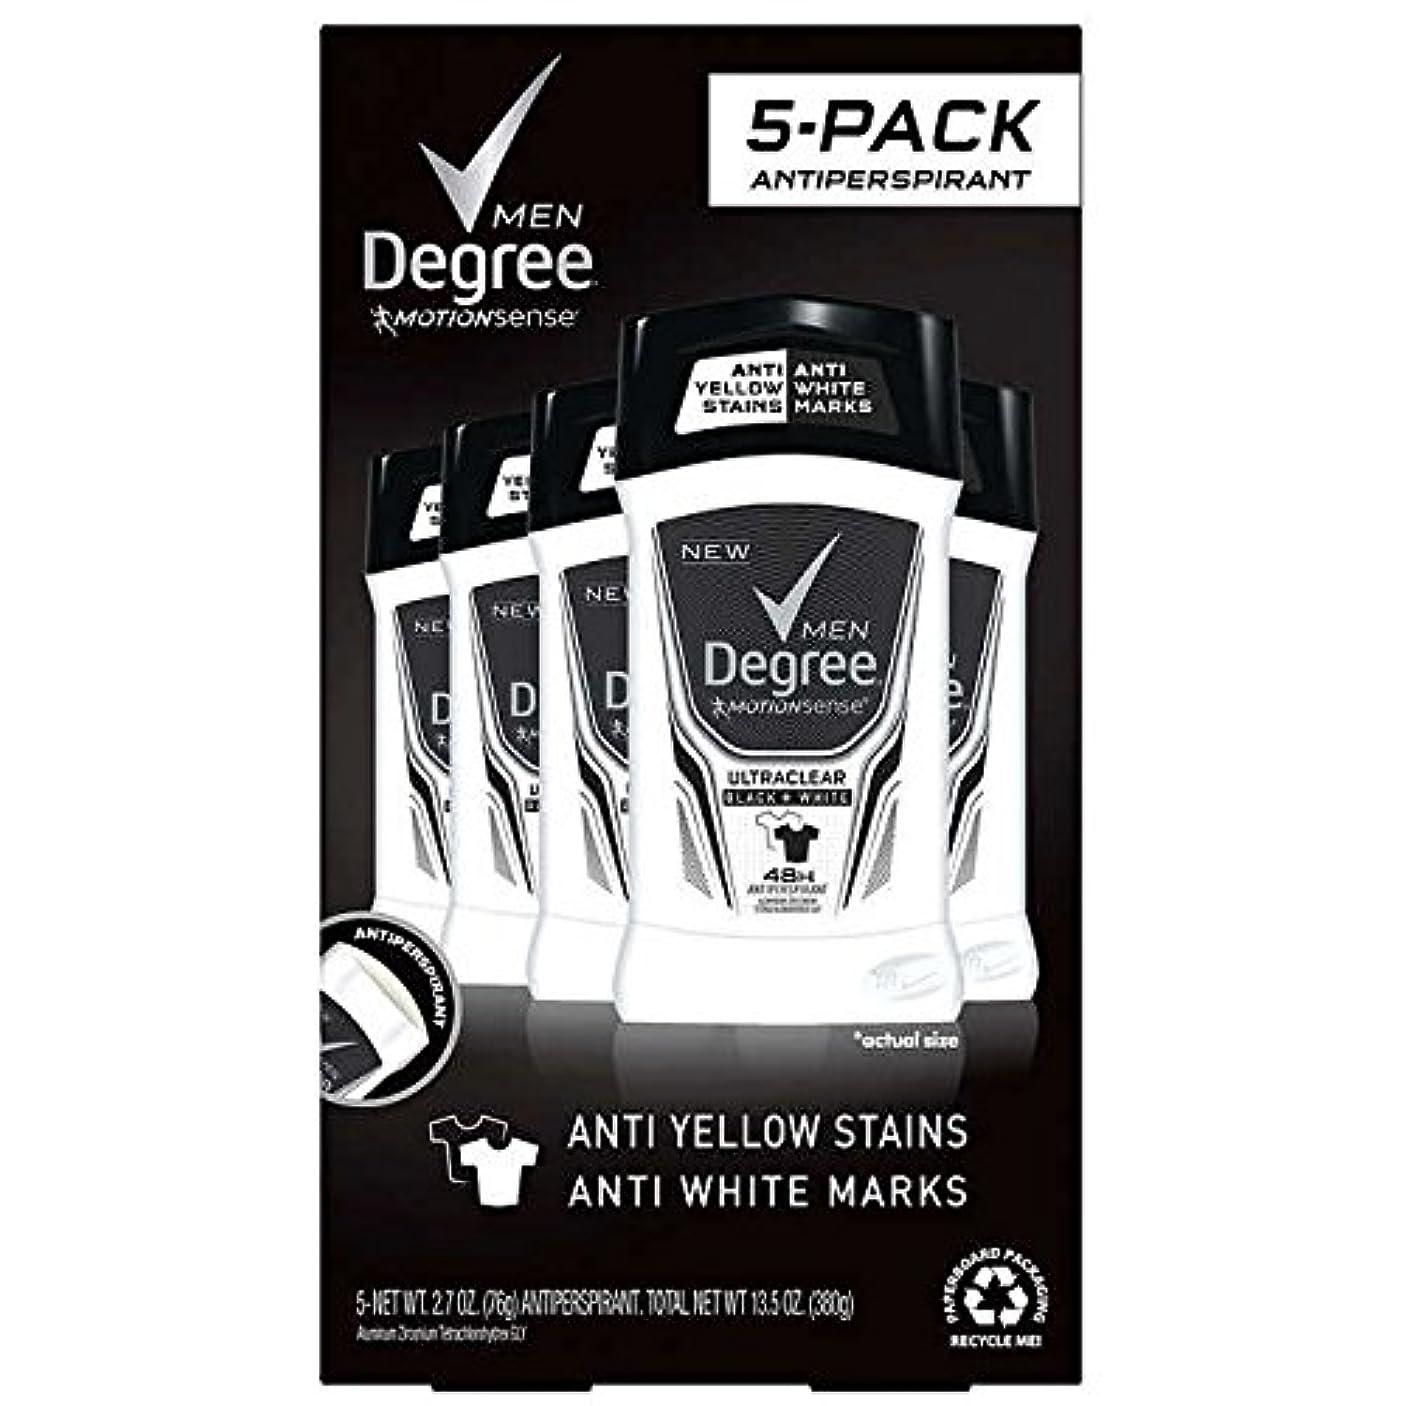 満足この有名Degree Men Ultra Clear Black + White Solid Deodorant 2.7oz (76g), 5-pack [並行輸入品]